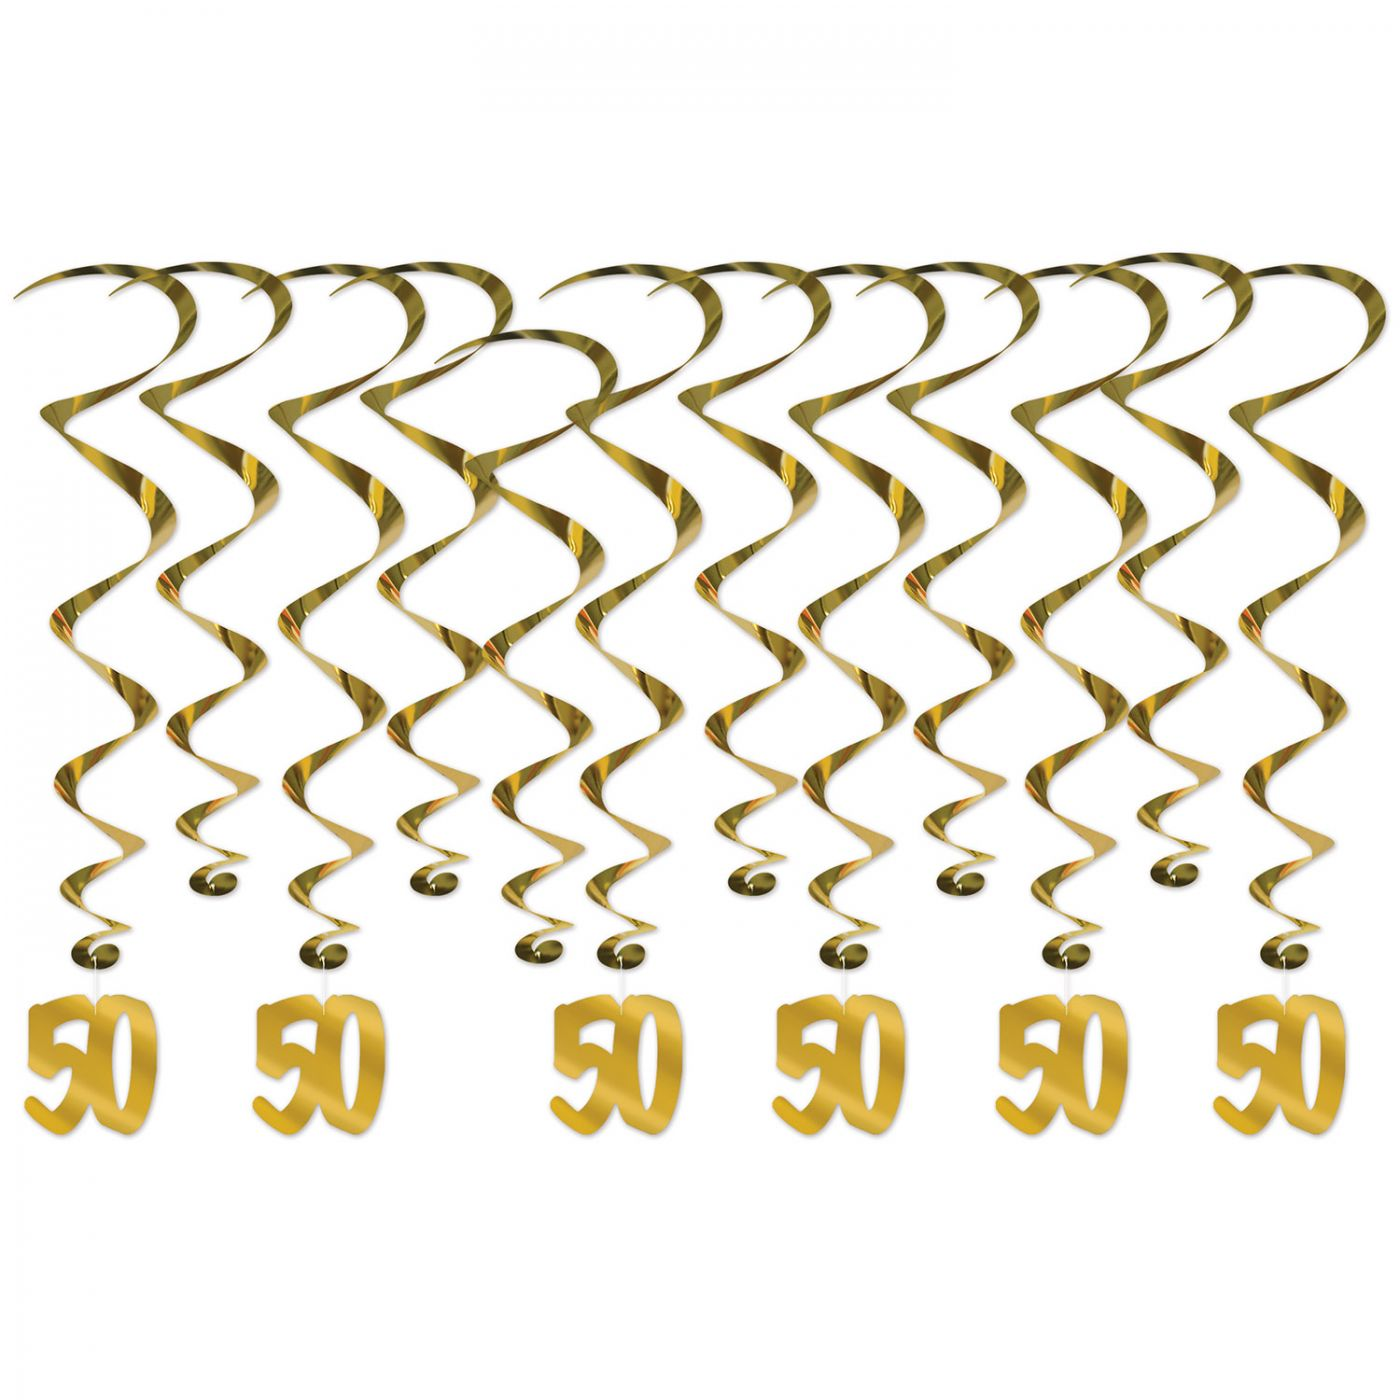 Image of 50th Anniversary Whirls (6)